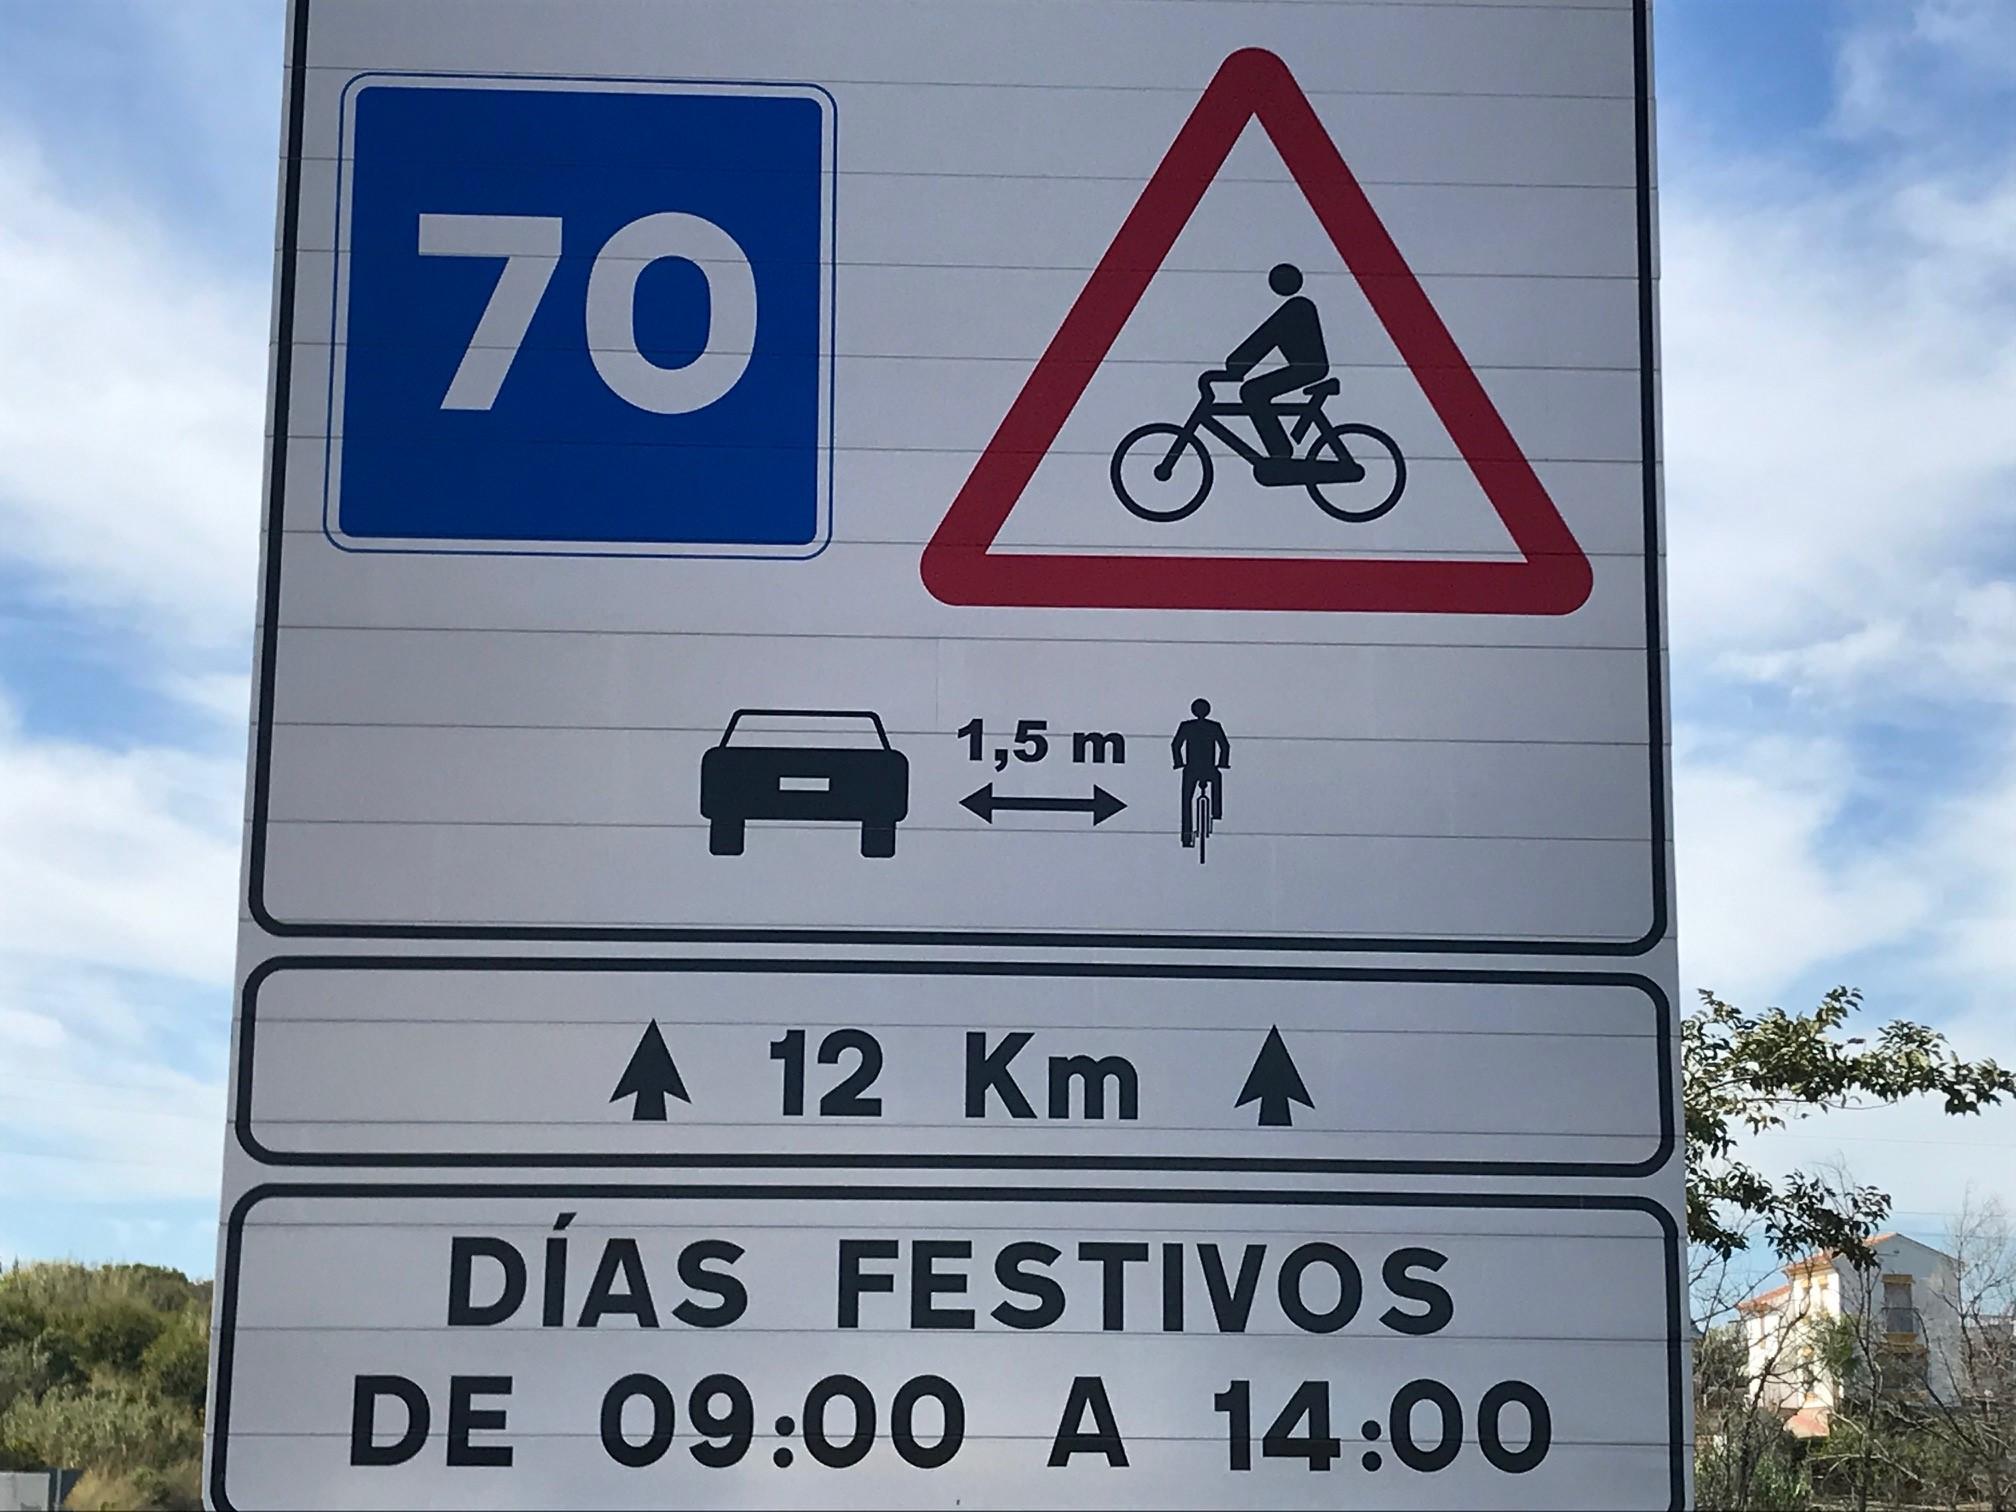 Wielrennen-Vuelta-route-Alhaurin-el-Grande-